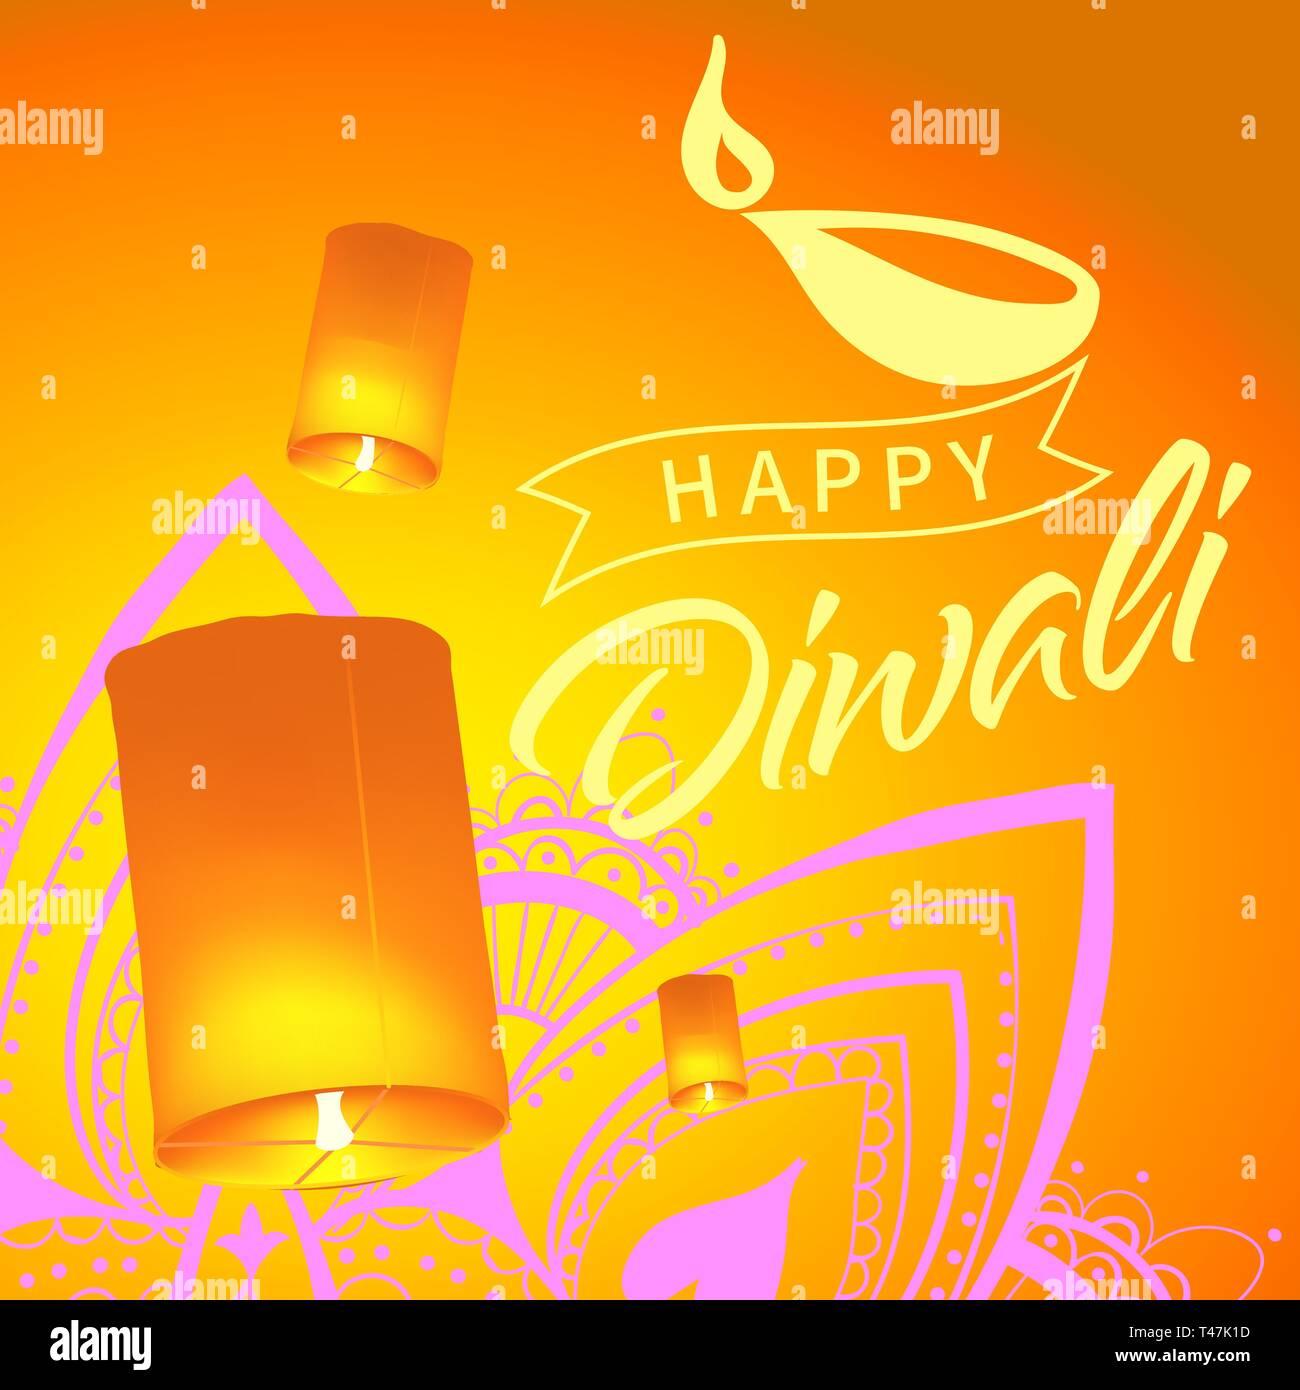 Carte postale pour Diwali festival avec lanternes de ciel réaliste et mandala. Happy Diwali concept, en 1914. Typographie affiche ou logo pour festival du Diwali Photo Stock